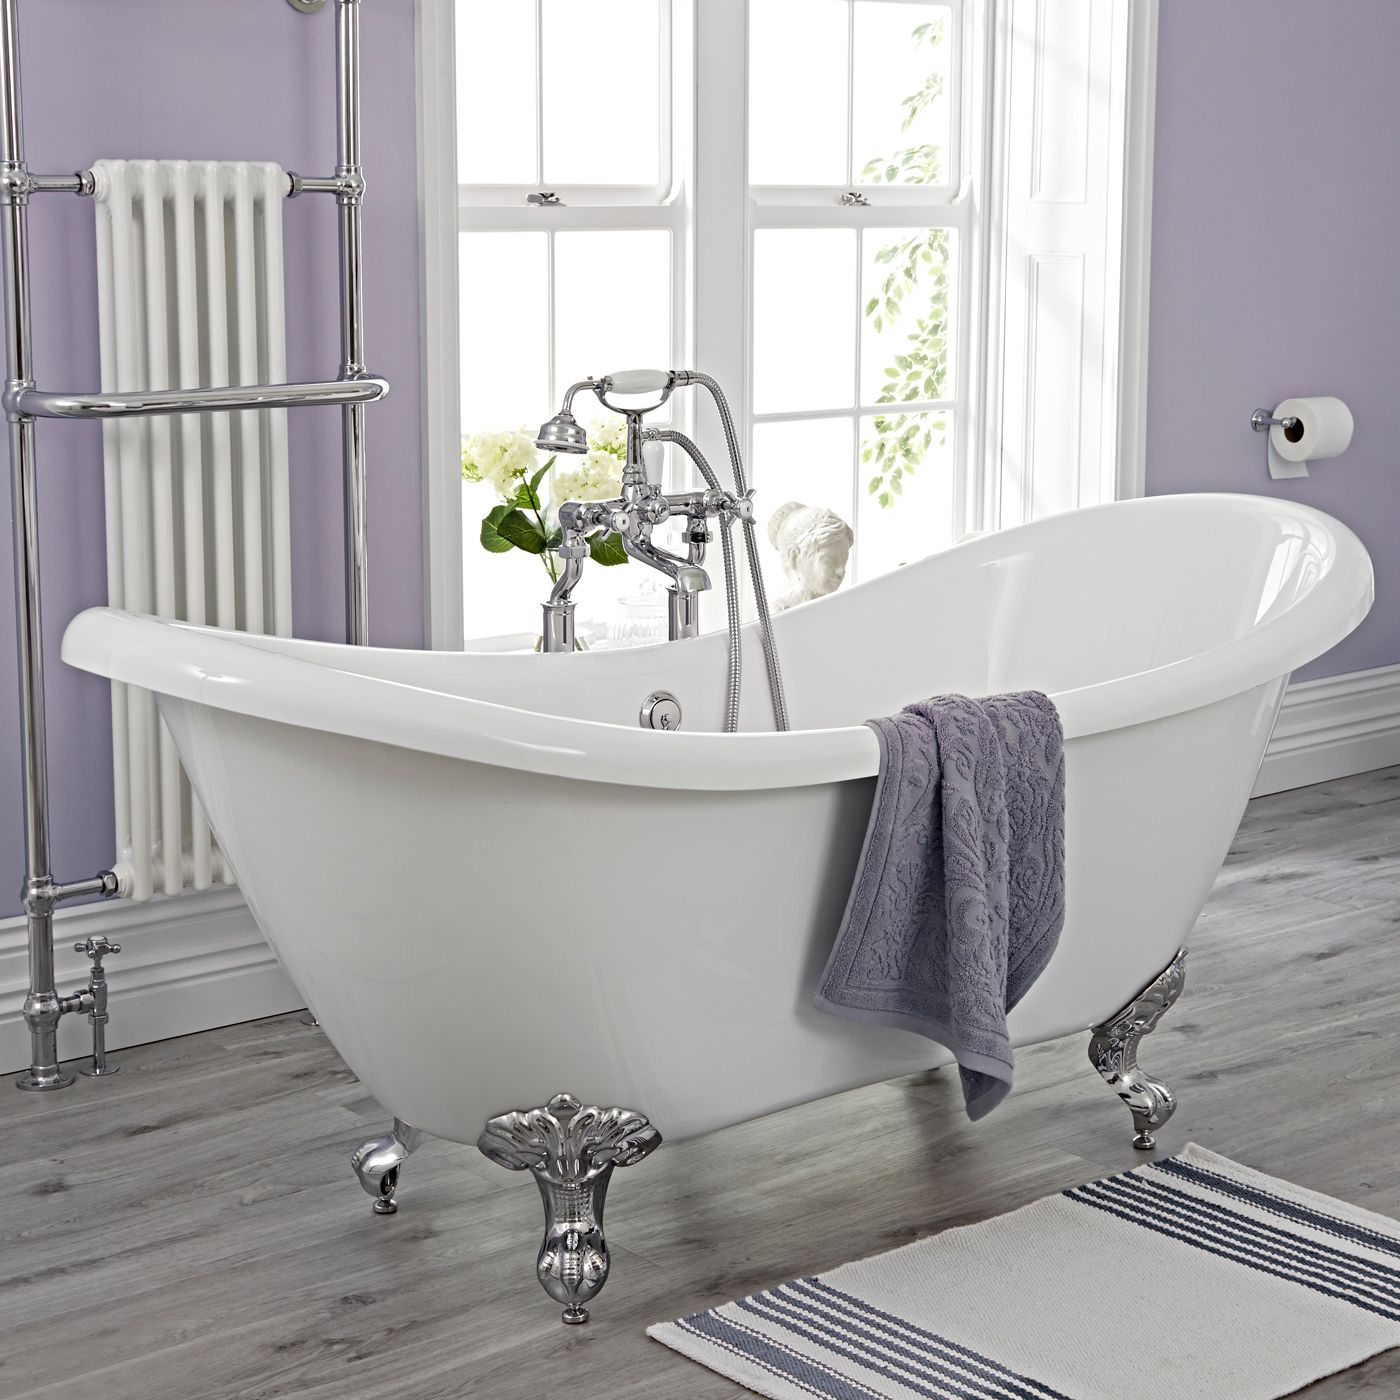 Individuelle zusammenstellung mit freistehende badewanne mit füßen verona image 2